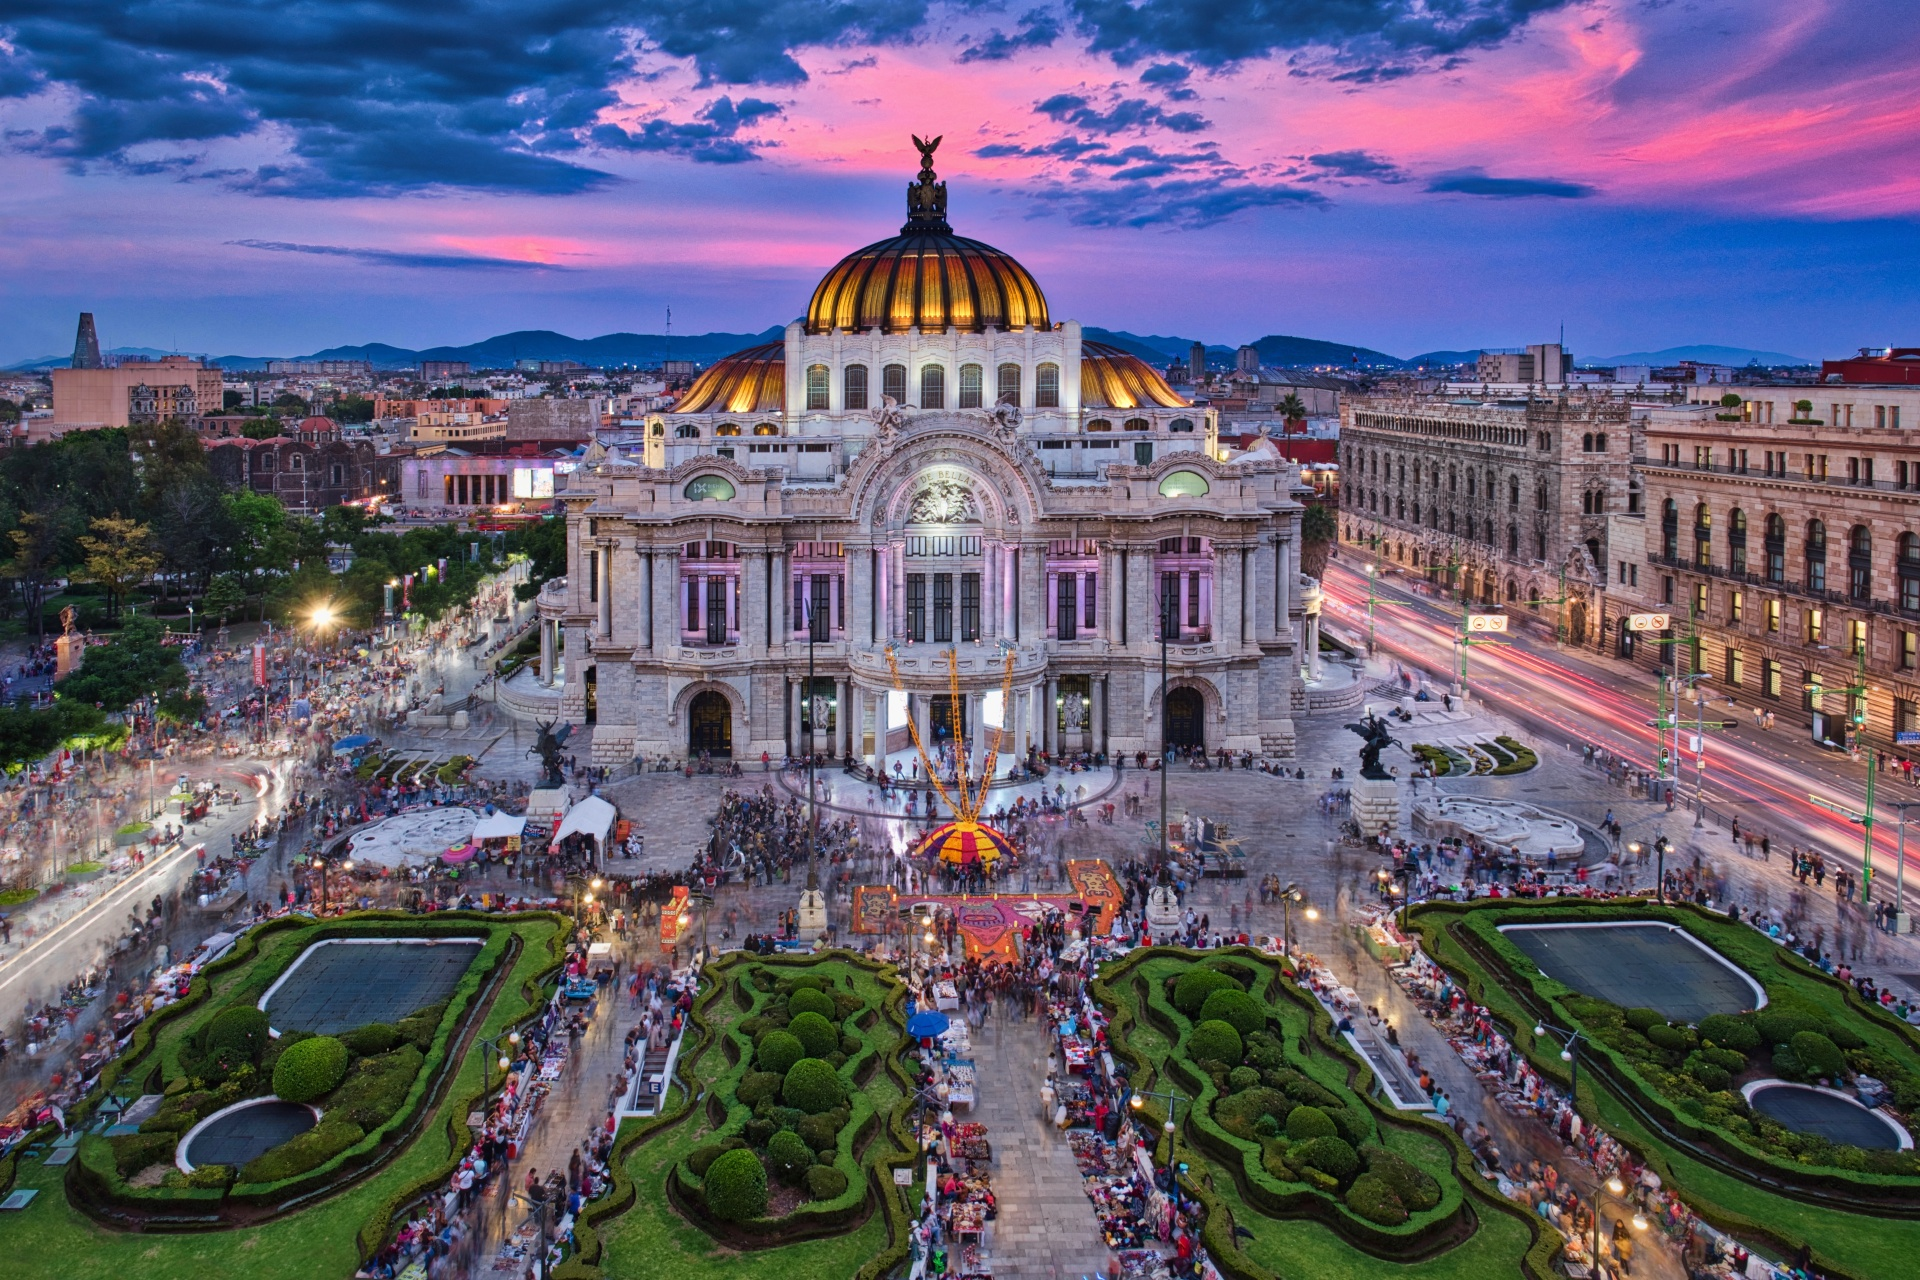 夕暮れ時のオペラ・ハウス ベジャス・アルテス宮殿 メキシコの風景